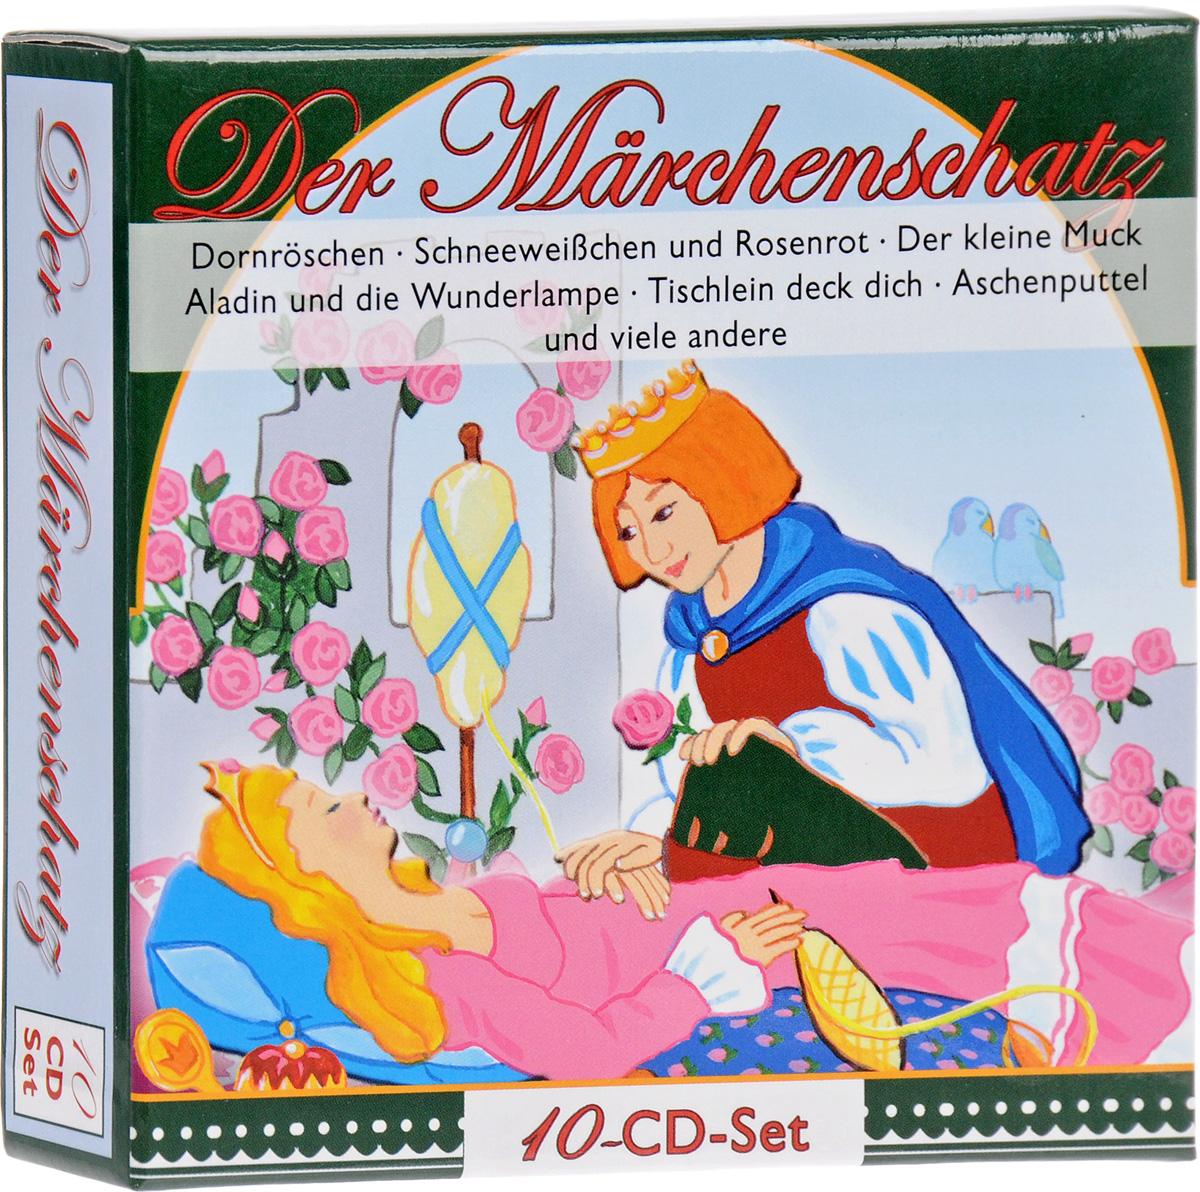 Zakazat.ru Der Marchenschatz (аудиокнига на 10 CD)